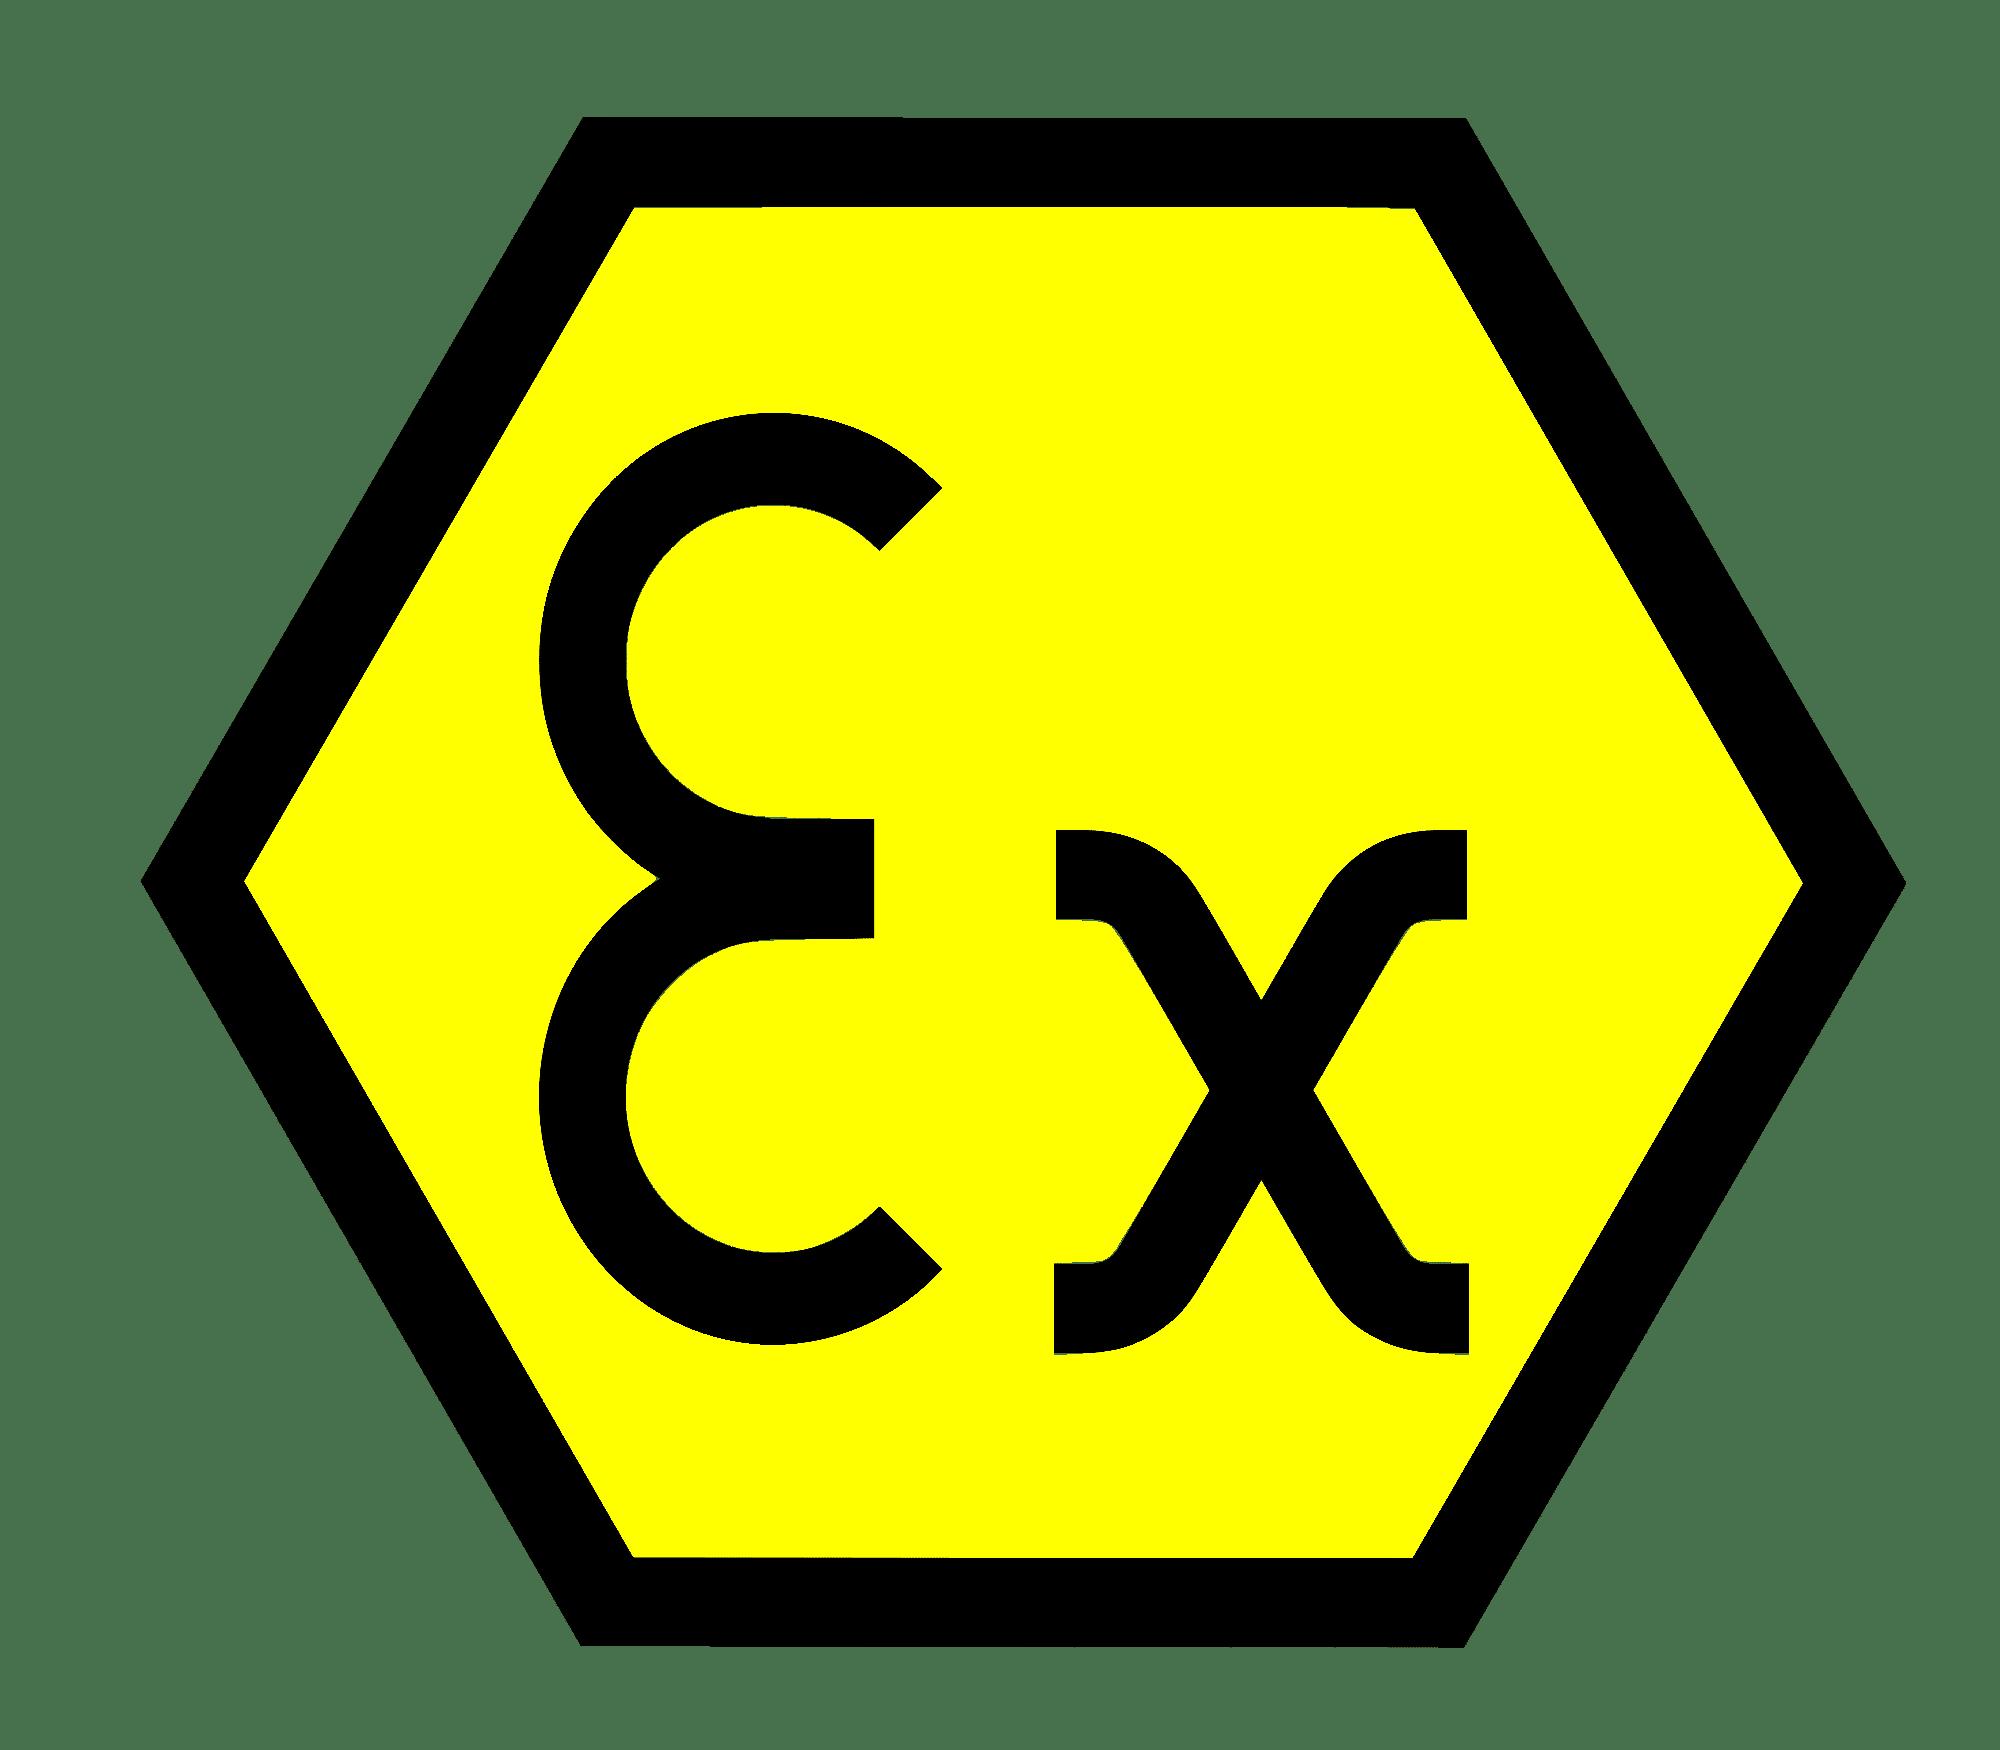 Simbol-atex